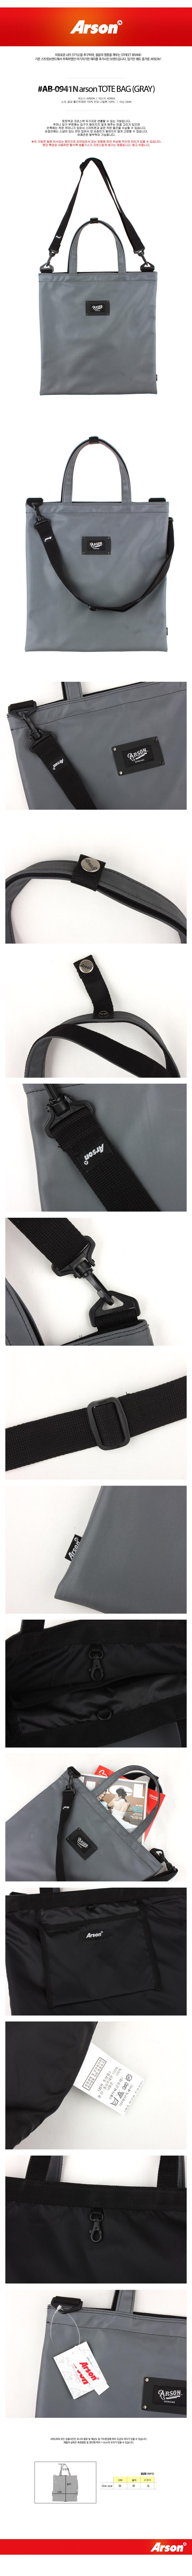 [ ARSON ] 纵火 AB-0941N 手提袋(灰色)